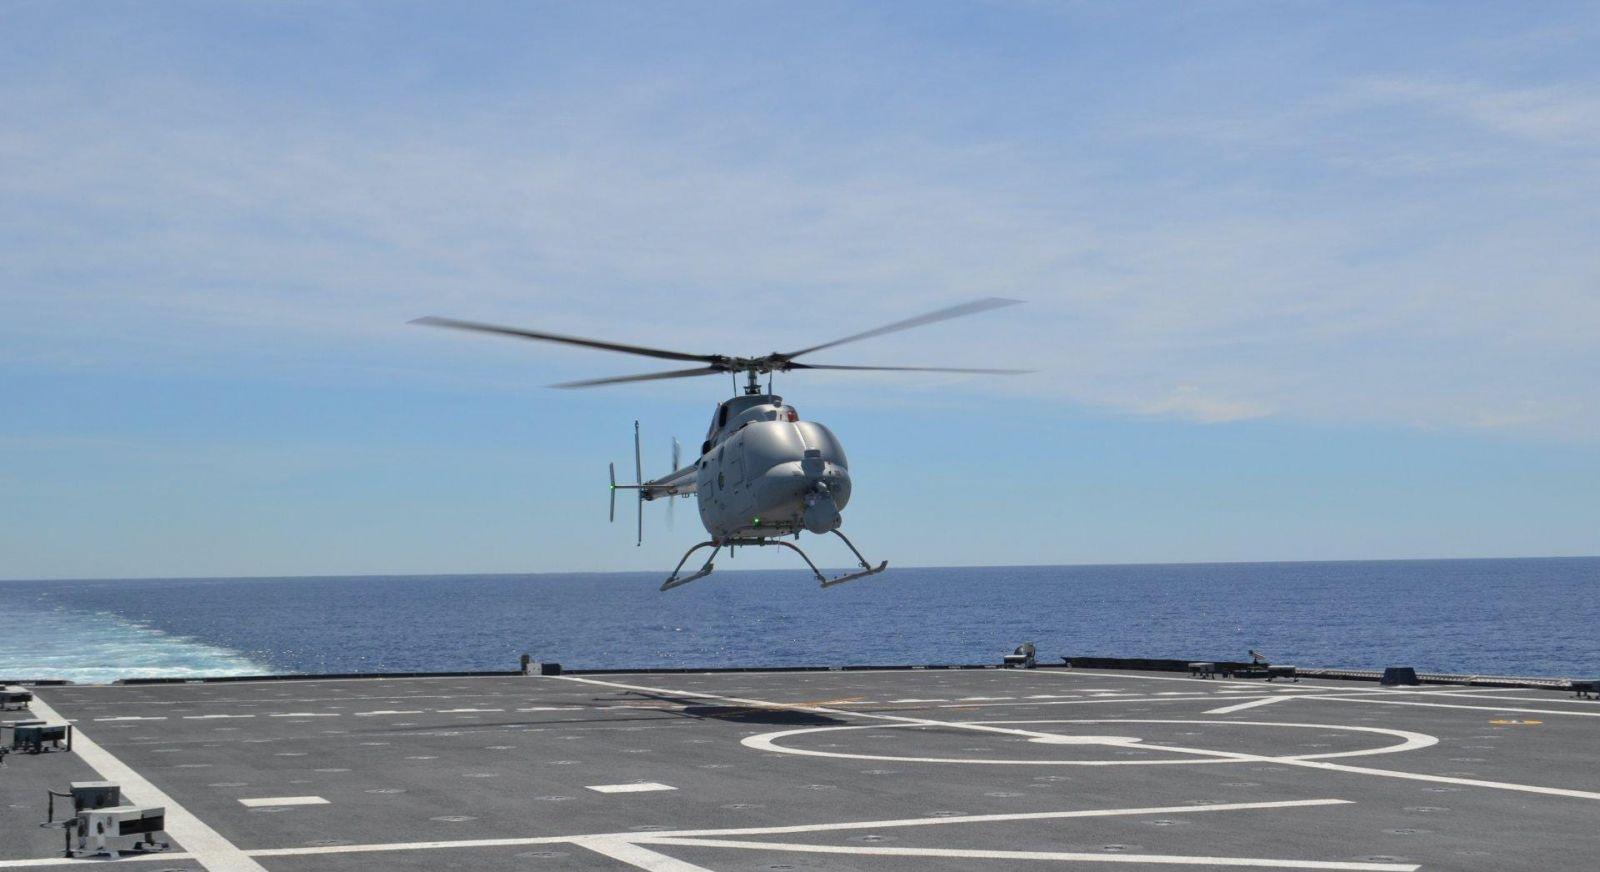 Вертолёт нового поколения ВМС США (dsc 32382)